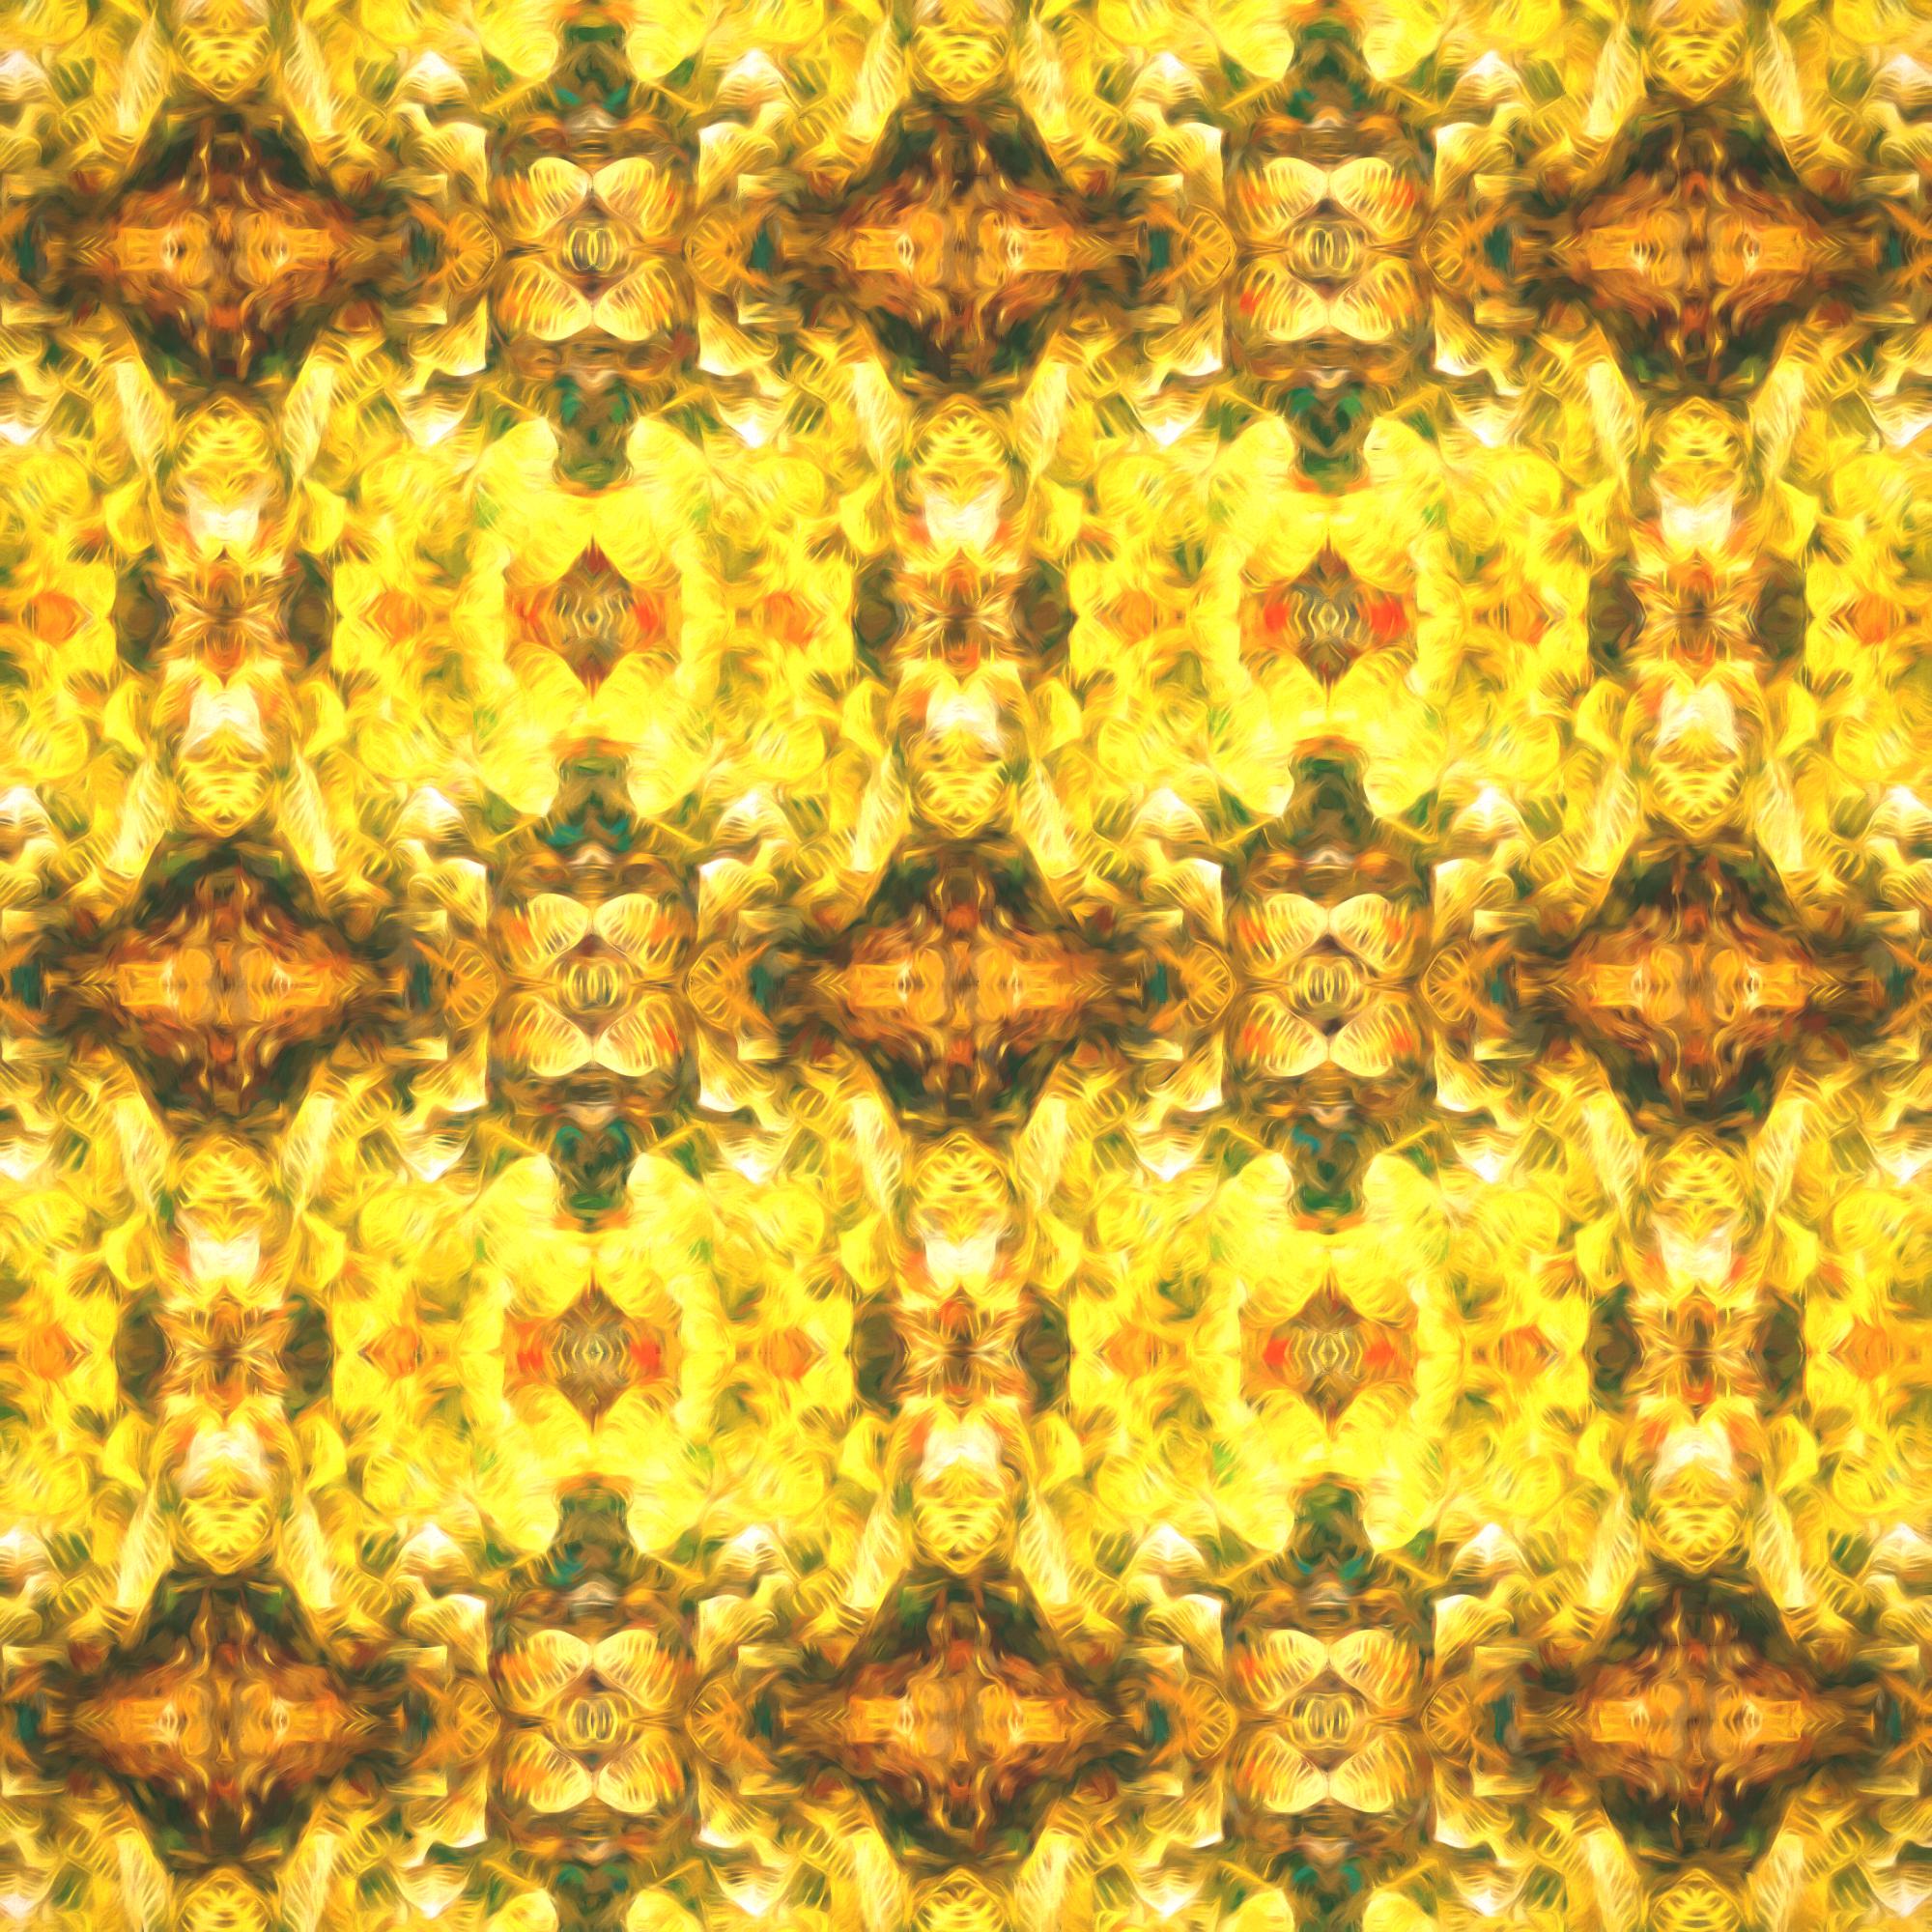 エレガントなリーフパターン&貴族スタイル壁紙:色鉛筆